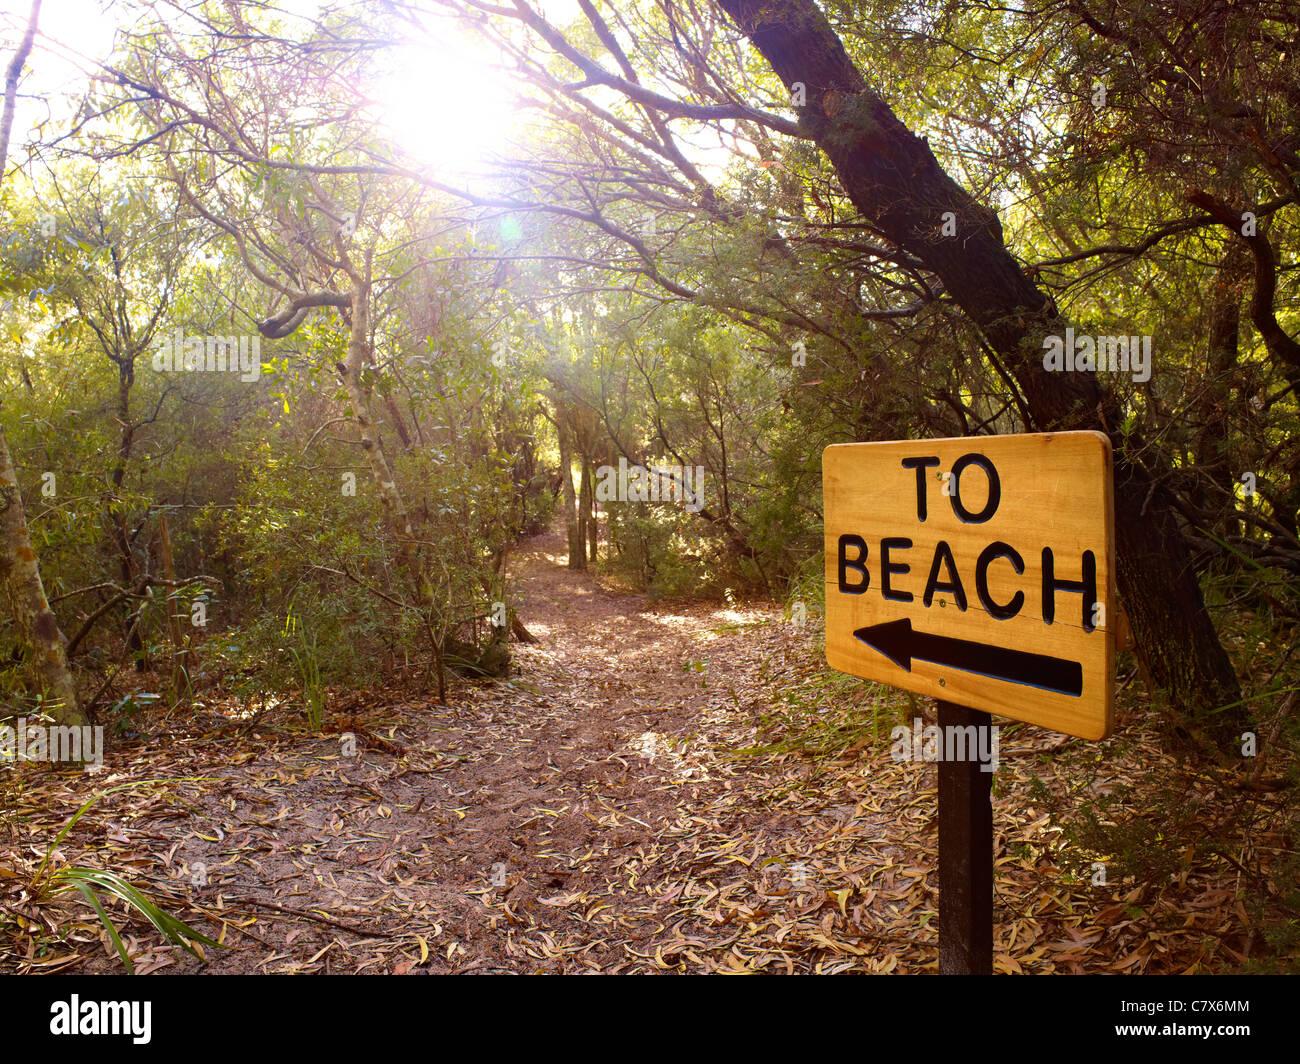 Zeichen markieren Weg zum Strand Stockbild